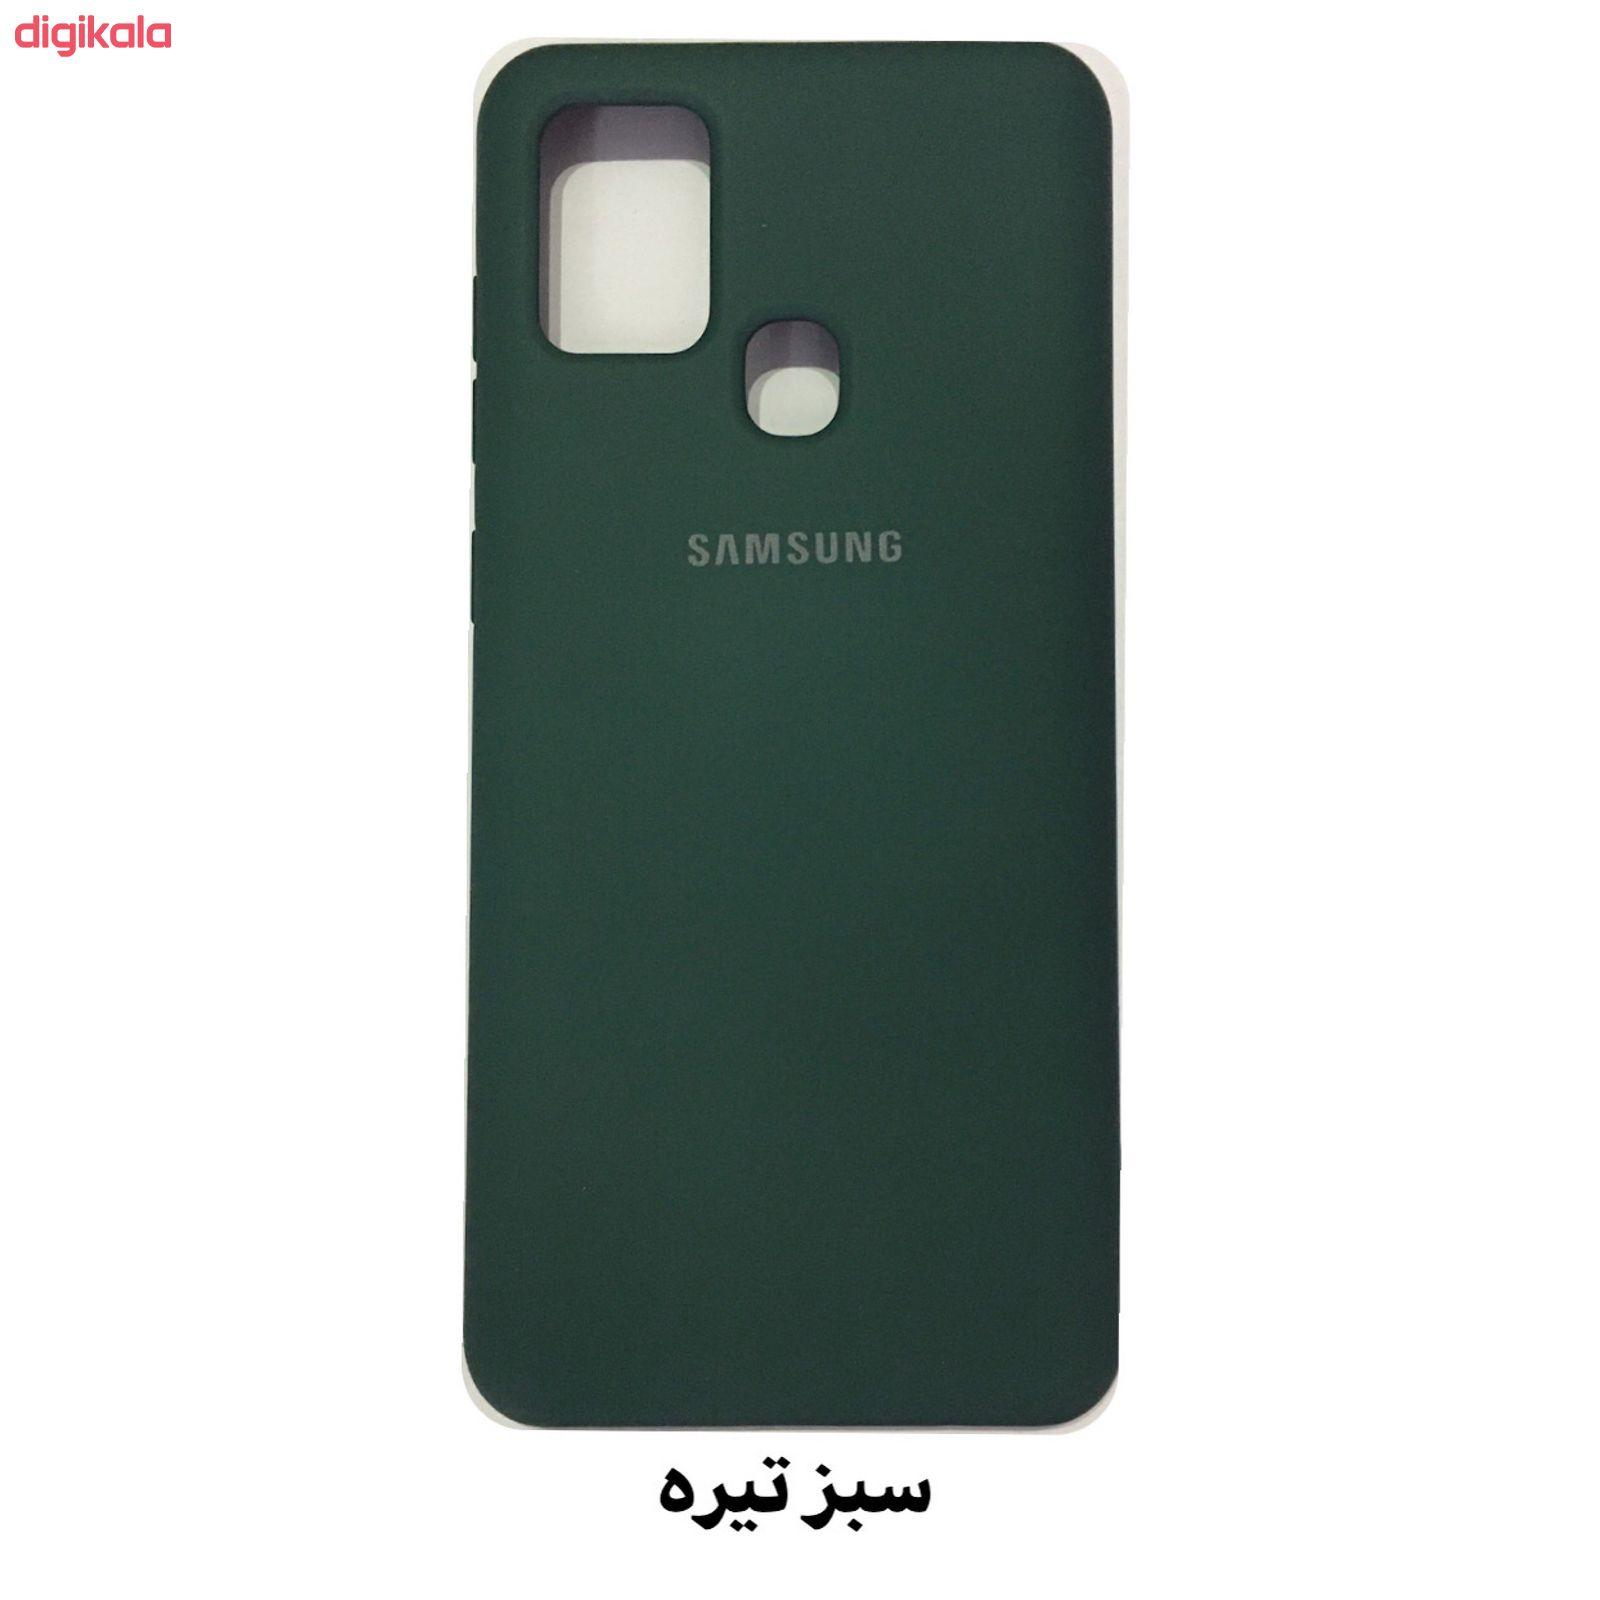 کاور مدل Sil-0021s مناسب برای گوشی موبایل سامسونگ Galaxy A21s main 1 2